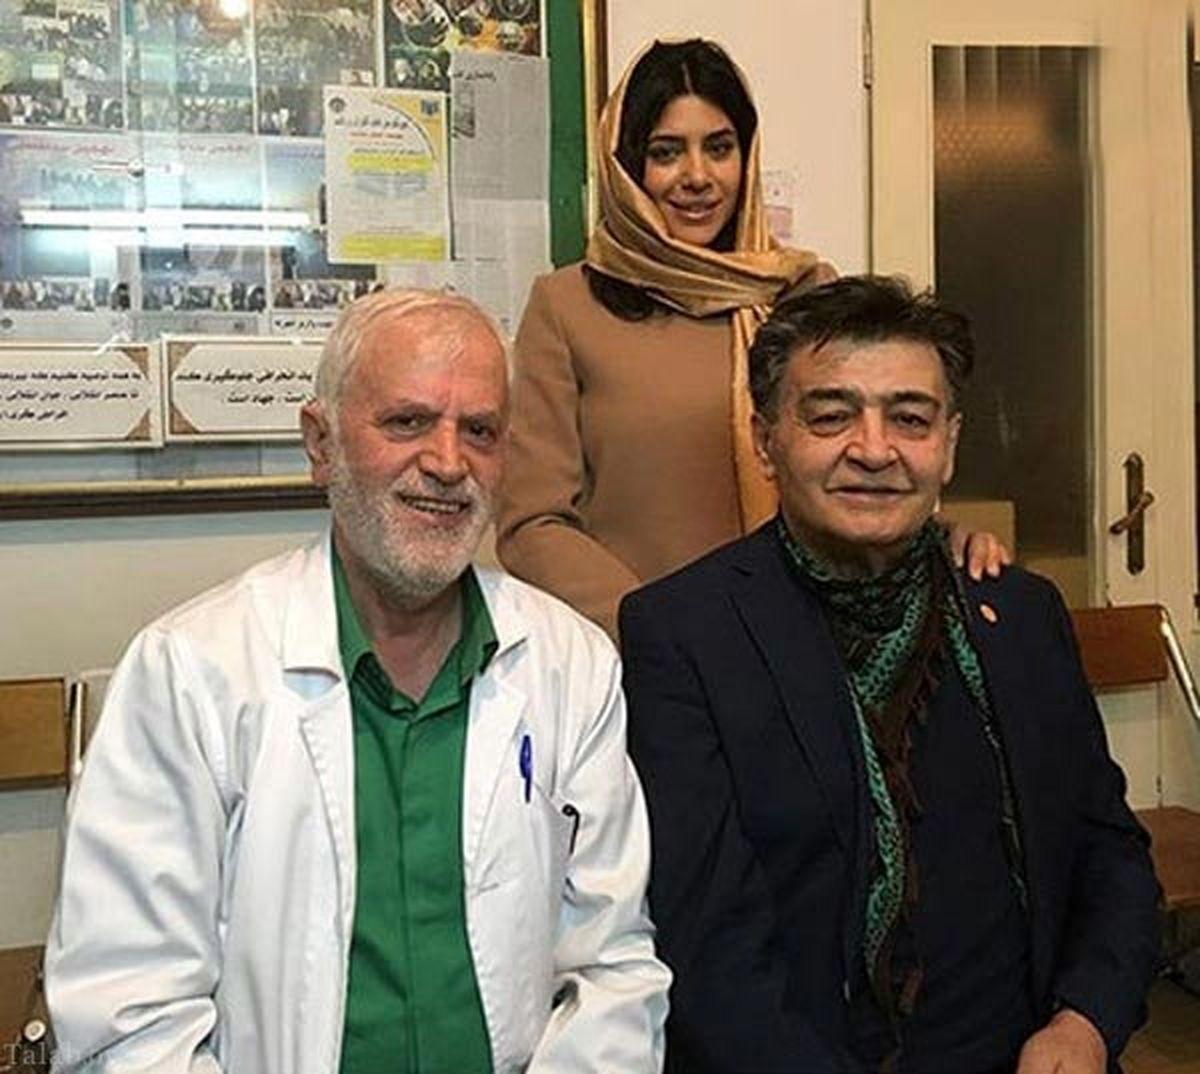 رضا رویگری و همسر جوان و فشنش در مطب دکتر +عکس